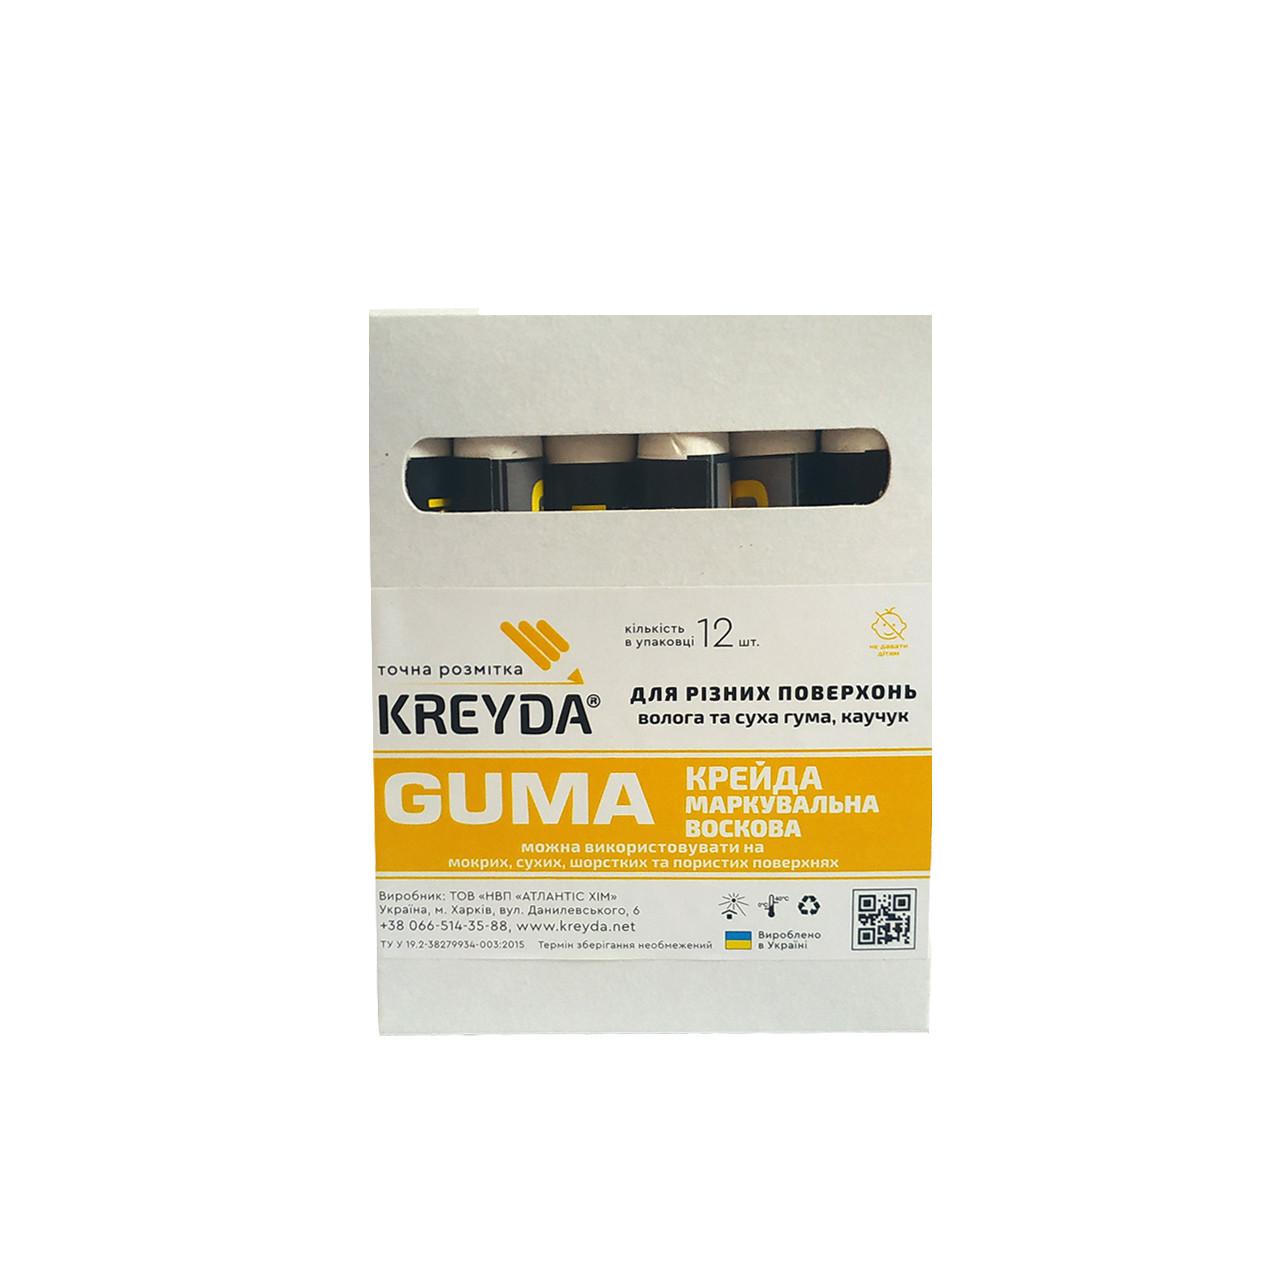 Восковой мел для шиномонтажа (белый) GUMA